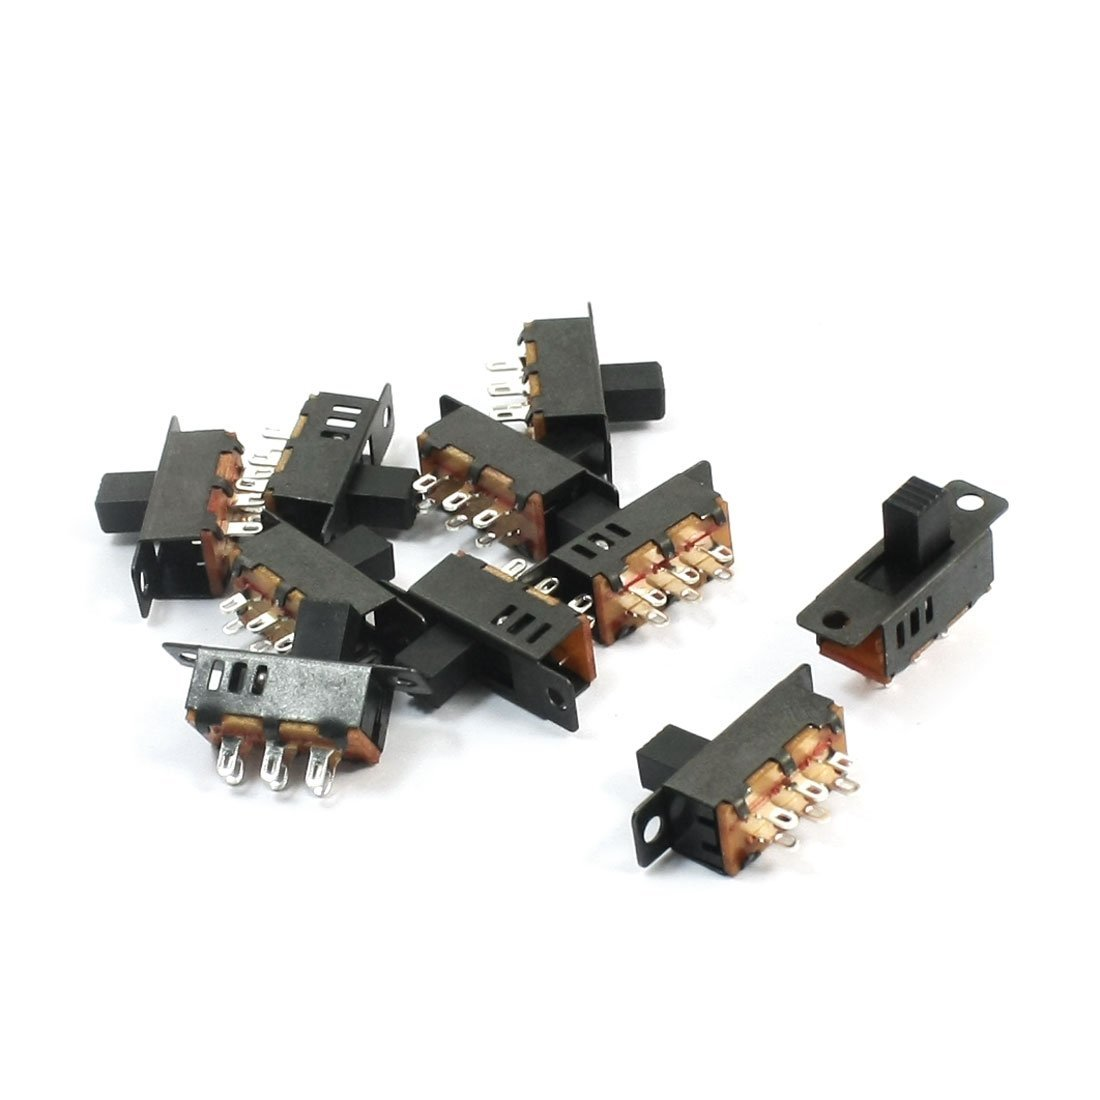 10Pcs DPDT 3-Position 6 Pin Miniature Horizontal Sliding Slide Switch DealMux DLM-B00OK664SC